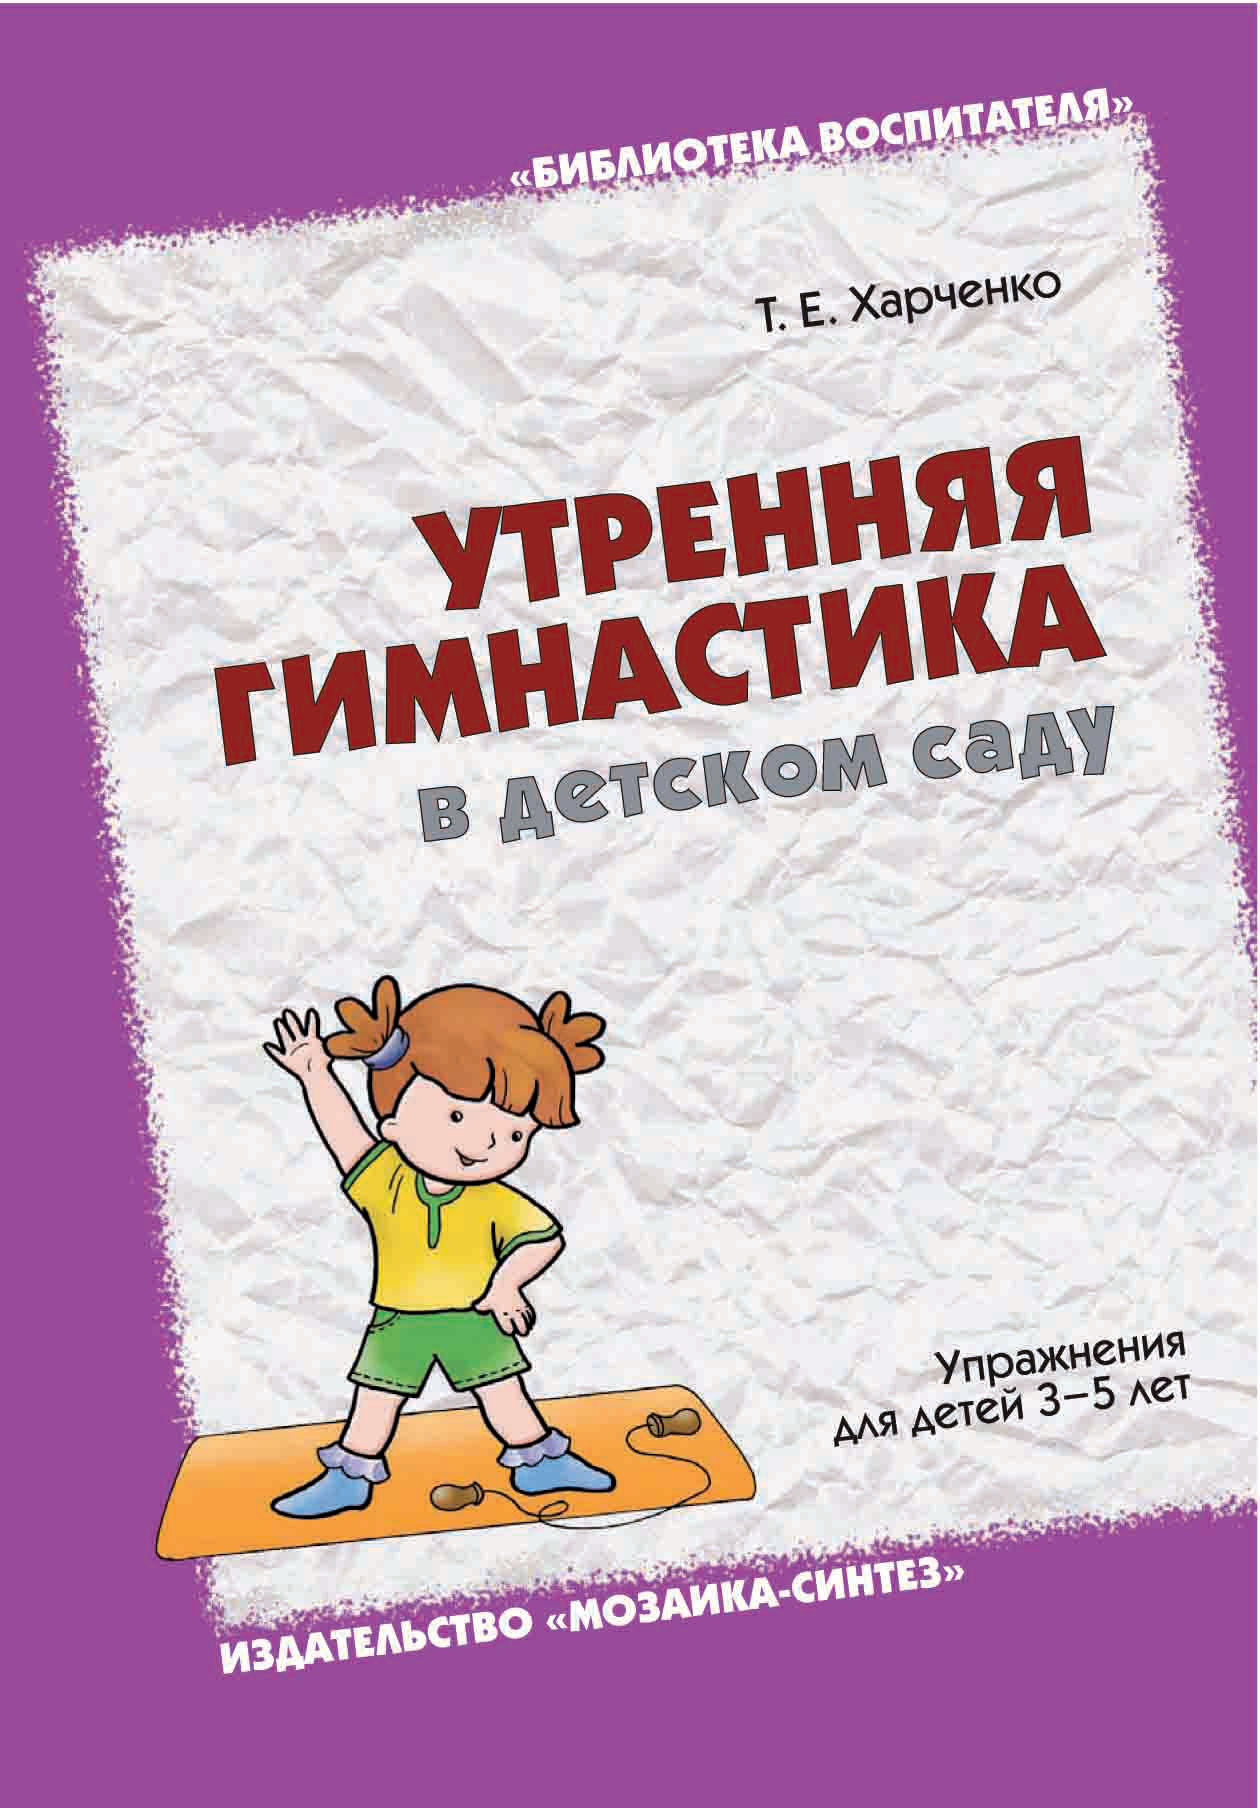 цена на Т. Е. Харченко Утренняя гимнастика в детском саду. Упражнения для детей 3-5 лет